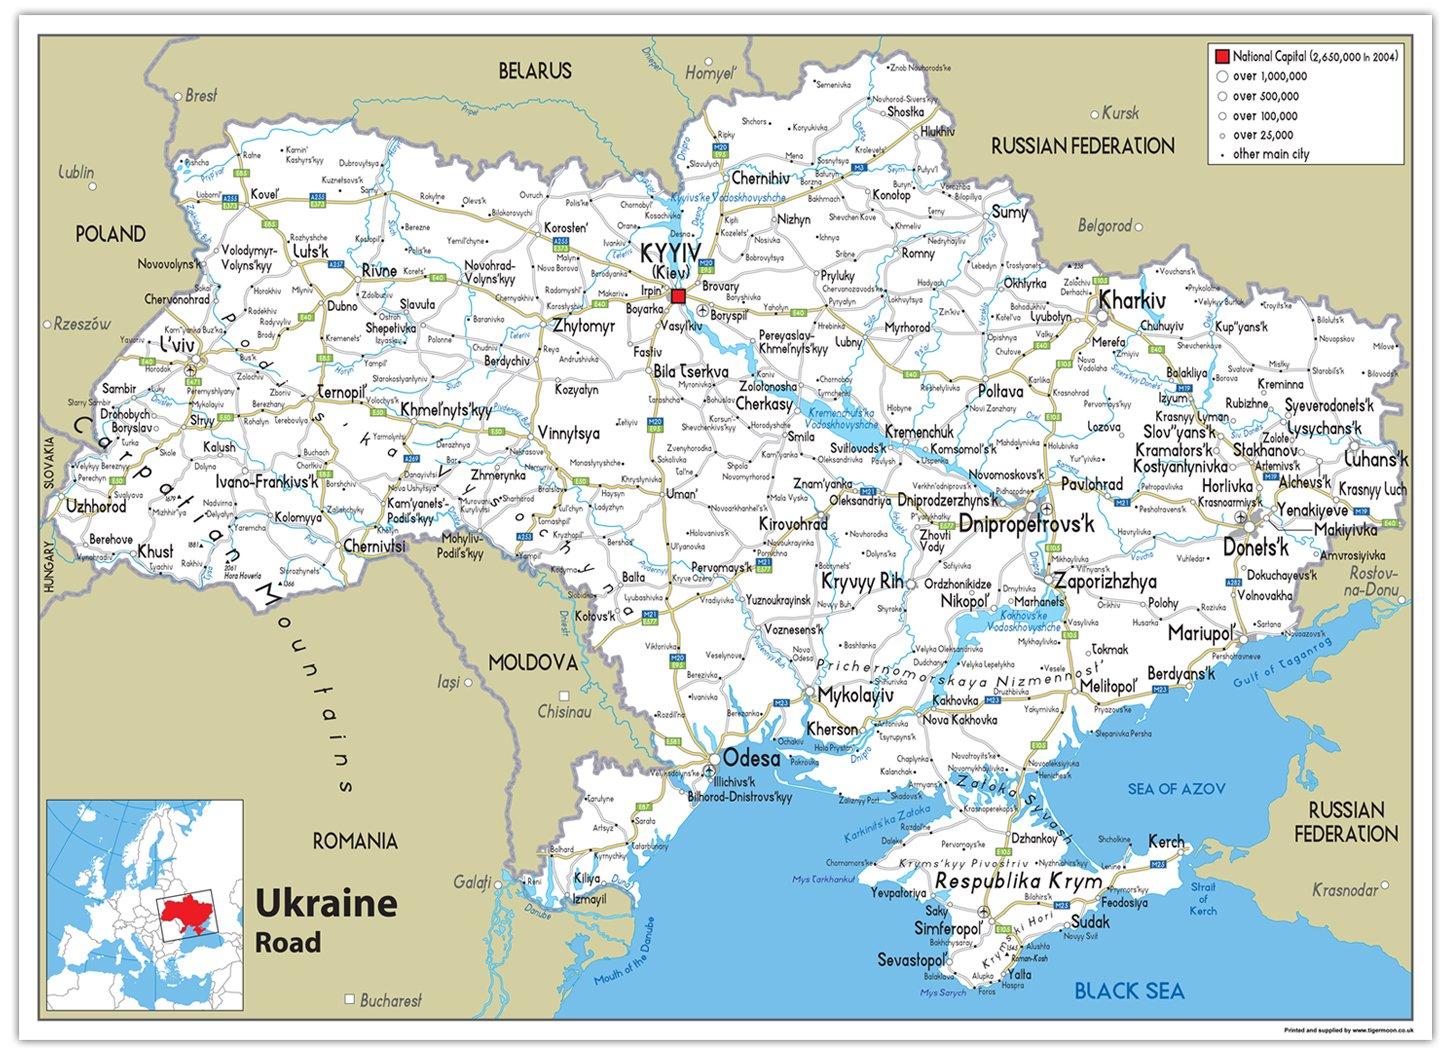 Ucrania Guía – Papel laminado [ga], color transparente A2 Size 42 x 59.4 cm: Amazon.es: Oficina y papelería